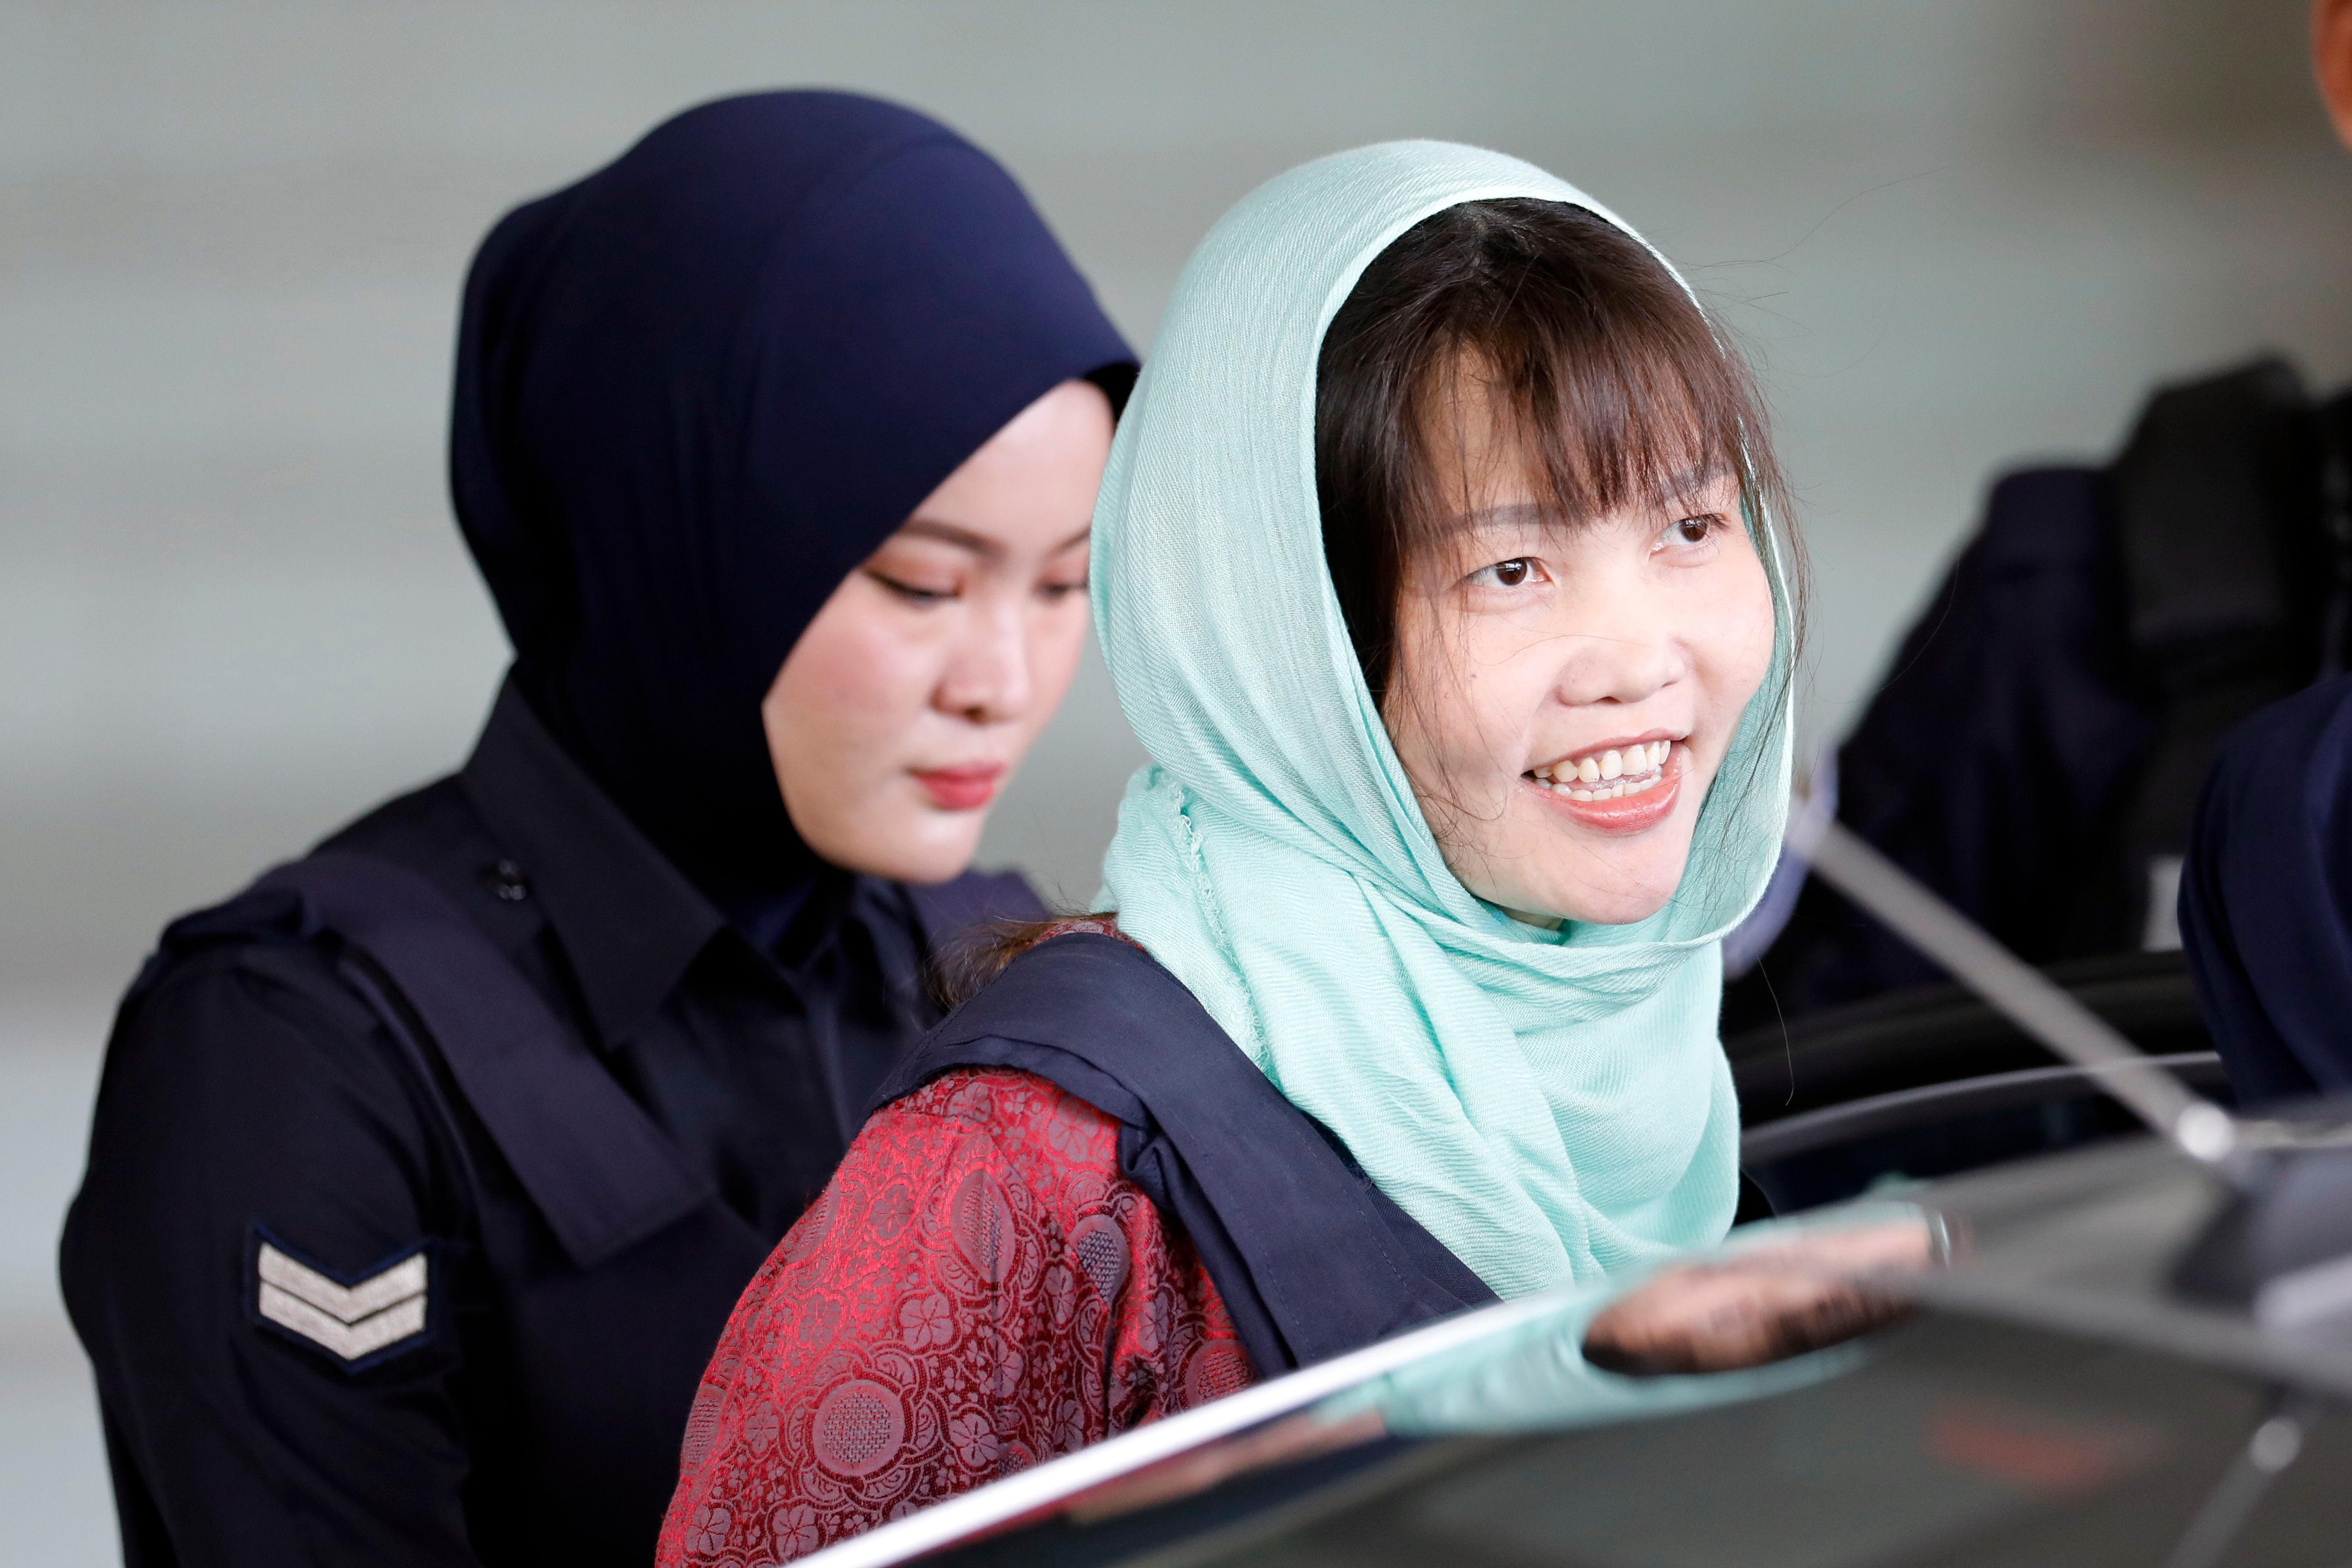 Βιετναμέζα με μαντήλα στο κεφάλι οδηγείται από γυναίκα αστυνομικό